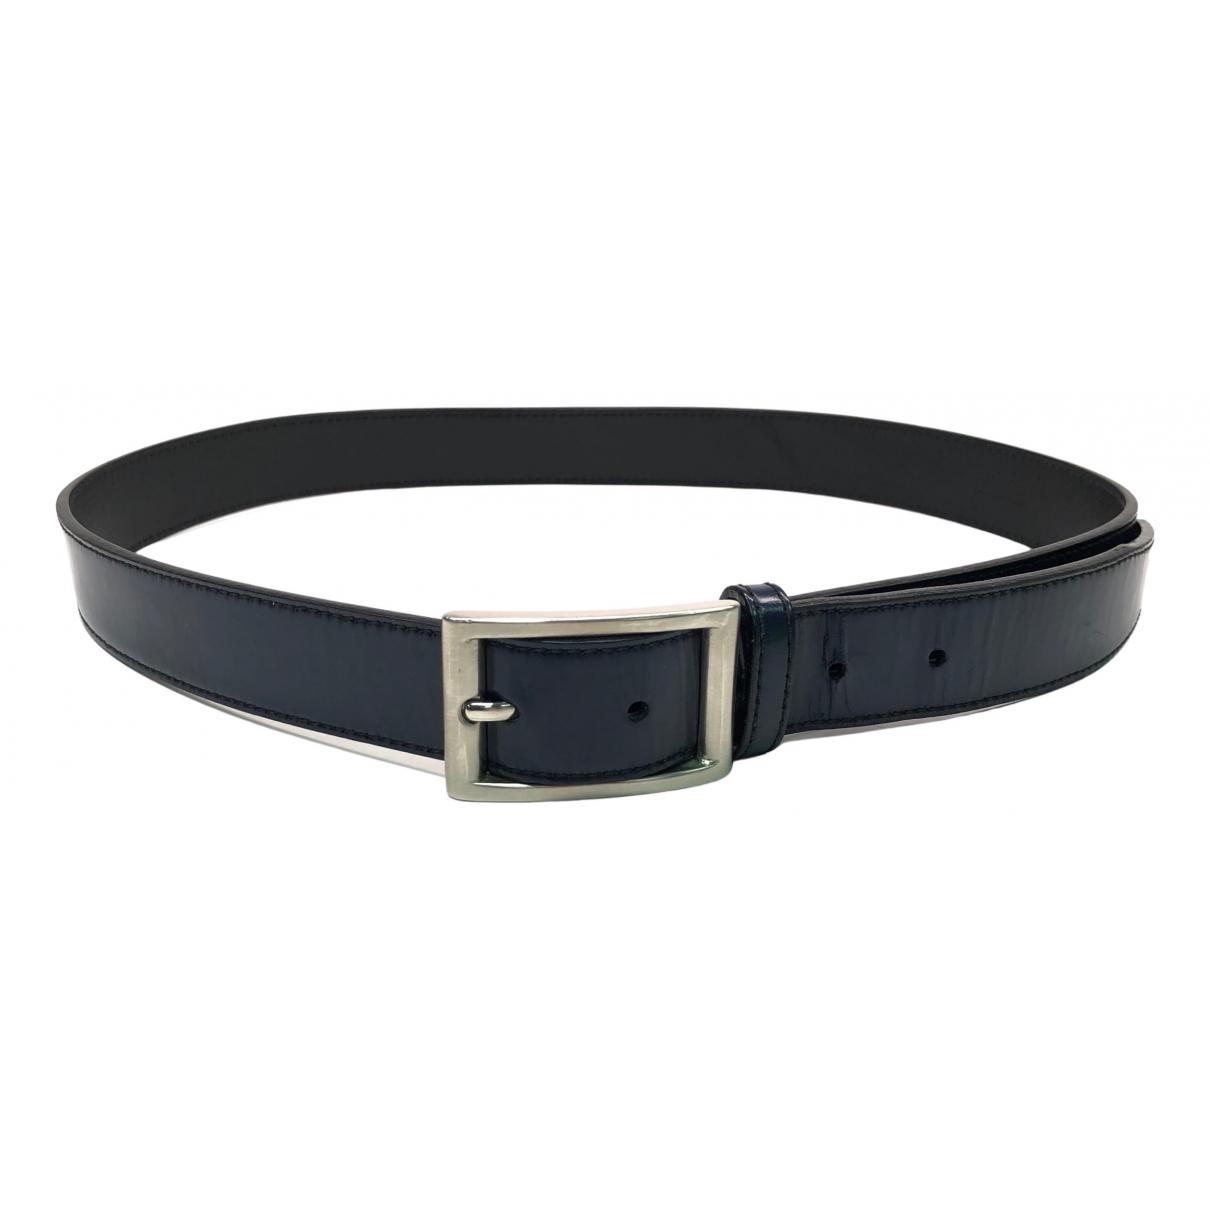 Cinturon de Charol Prada